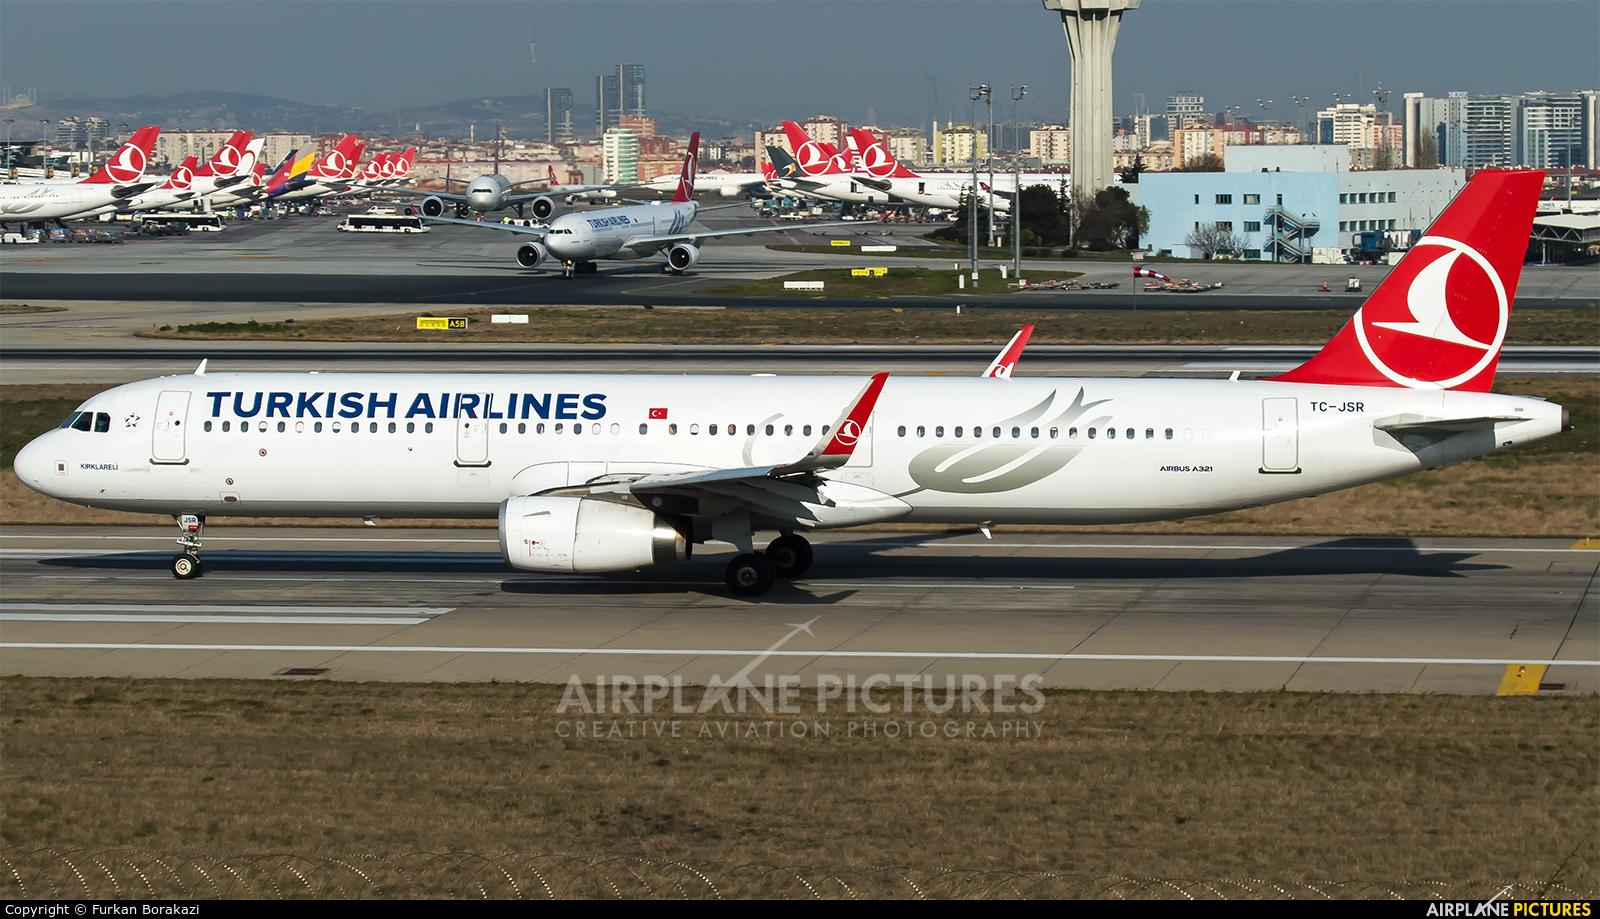 Turkish Airlines TC-JSR aircraft at Istanbul - Ataturk